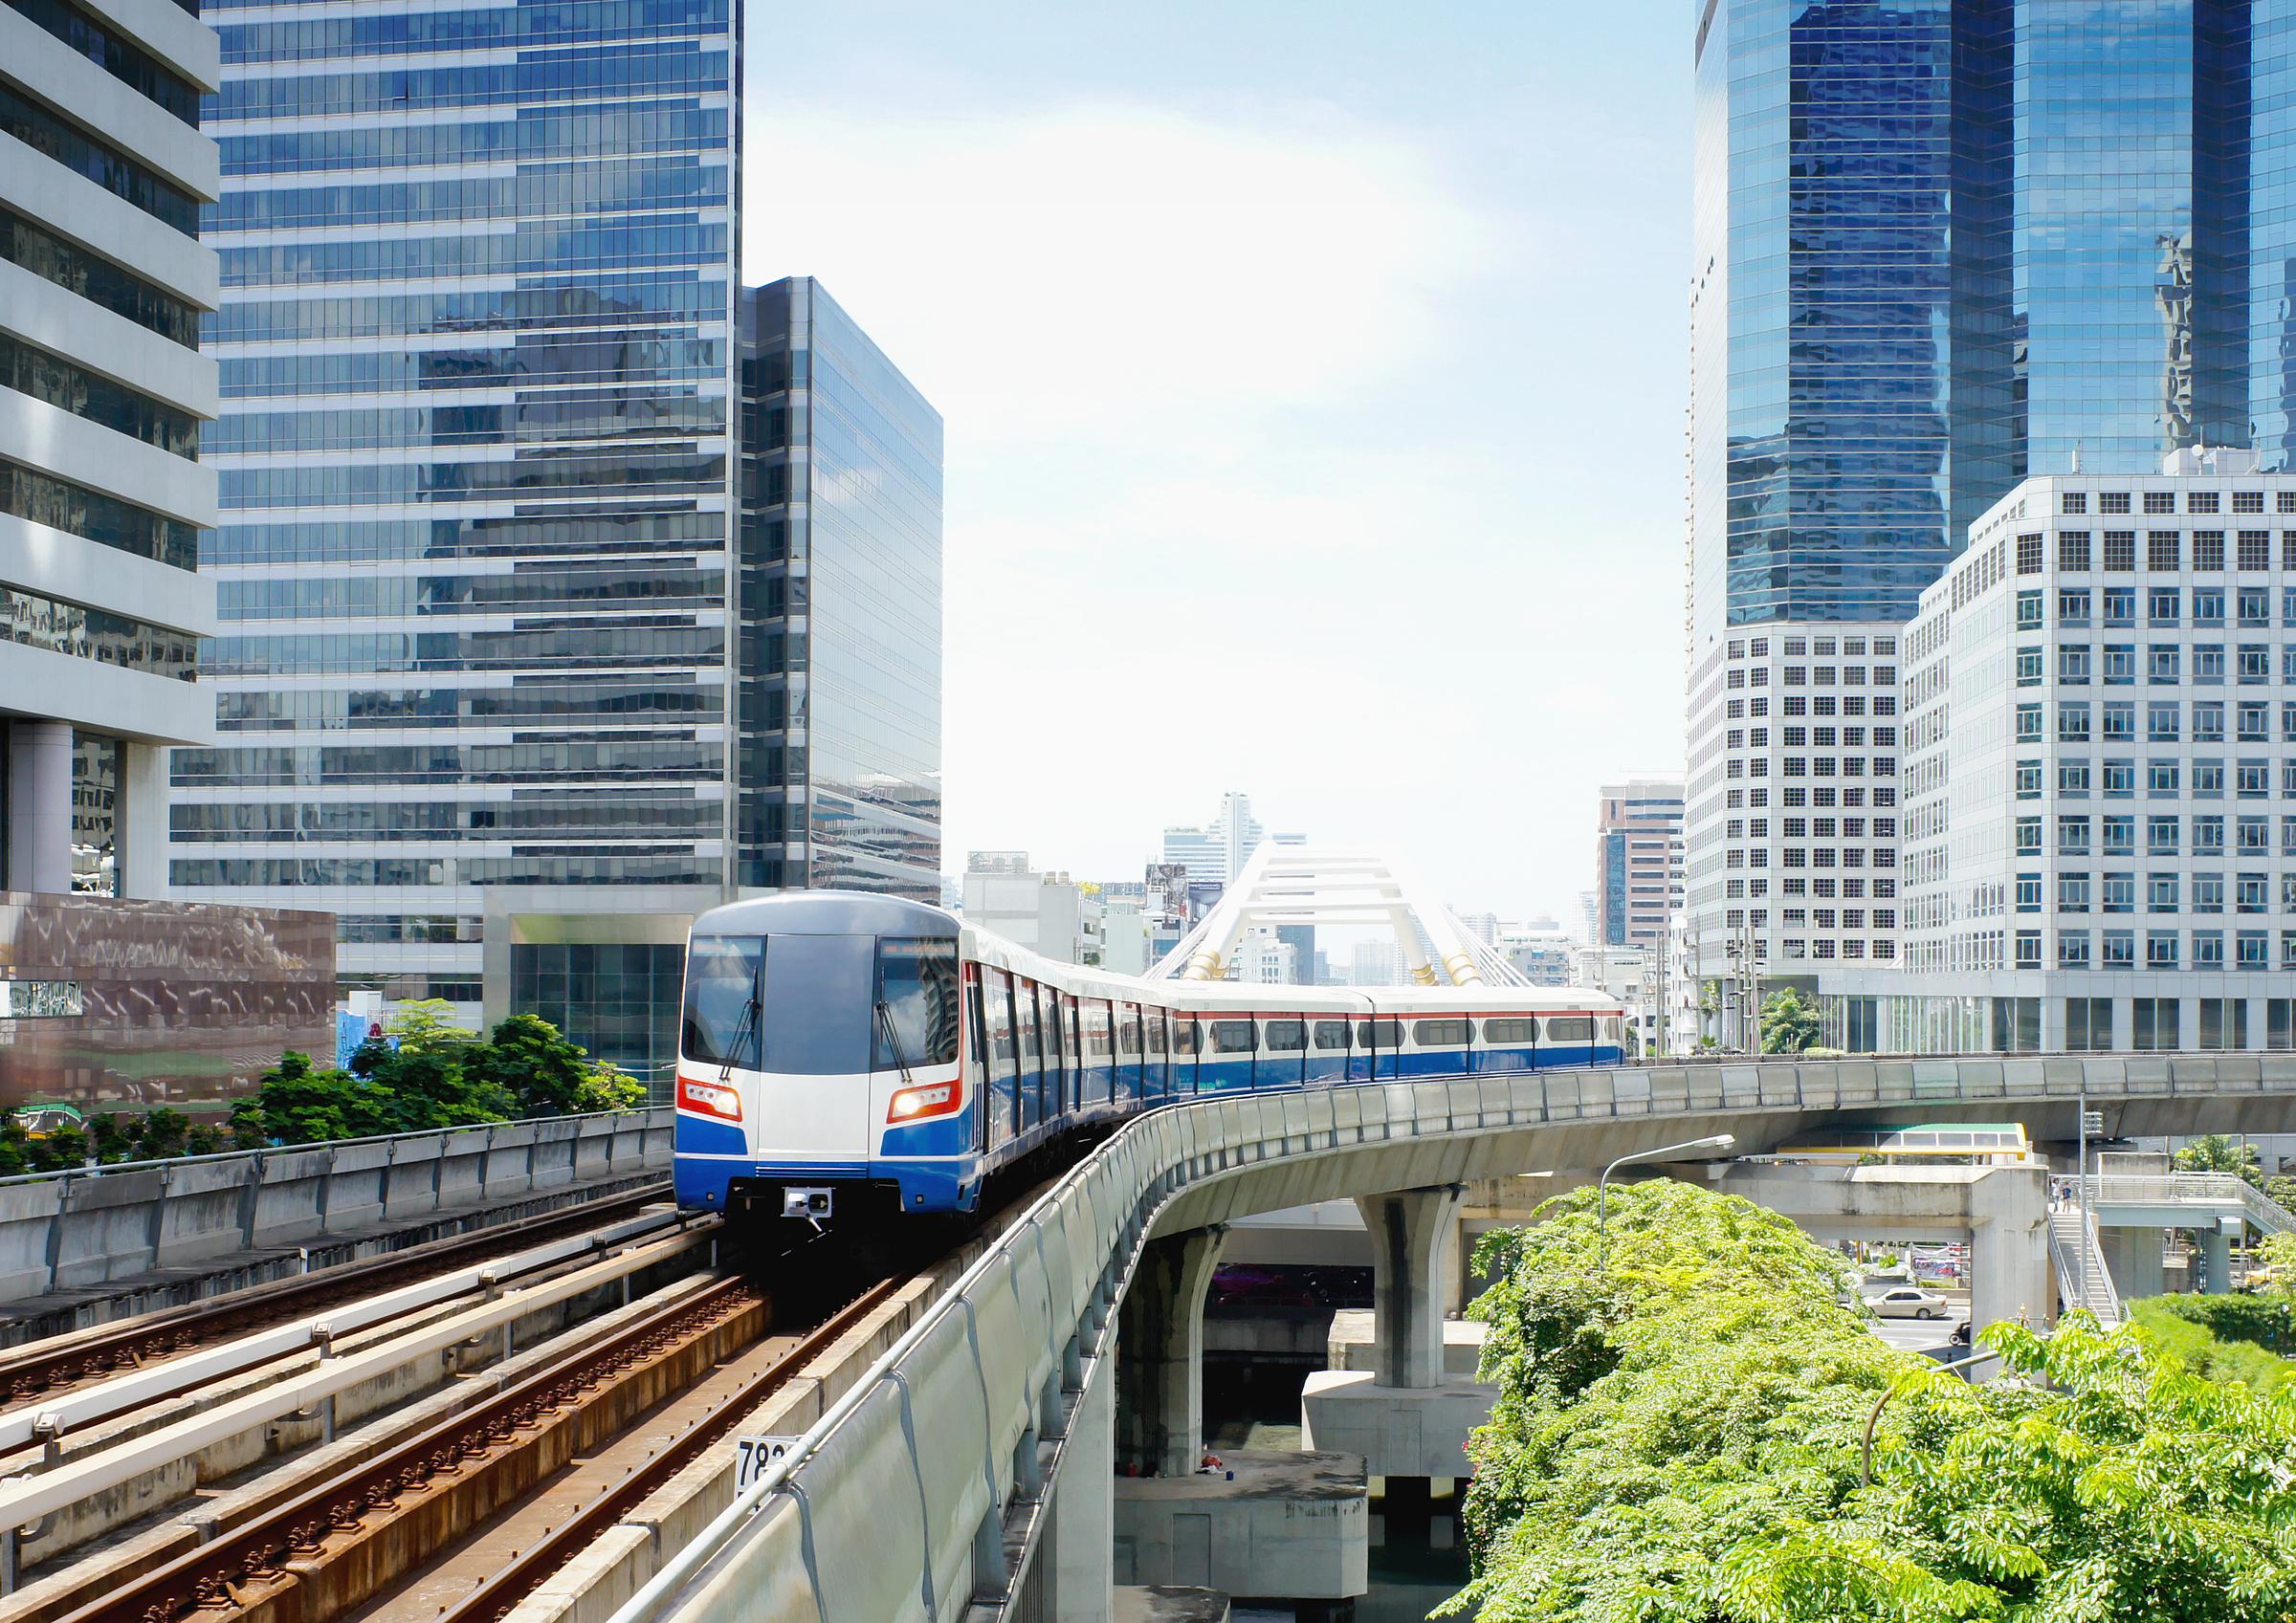 Metro là một trong những động lực quan trọng của thị trường bất động sản. Ảnh: Shutterstock.